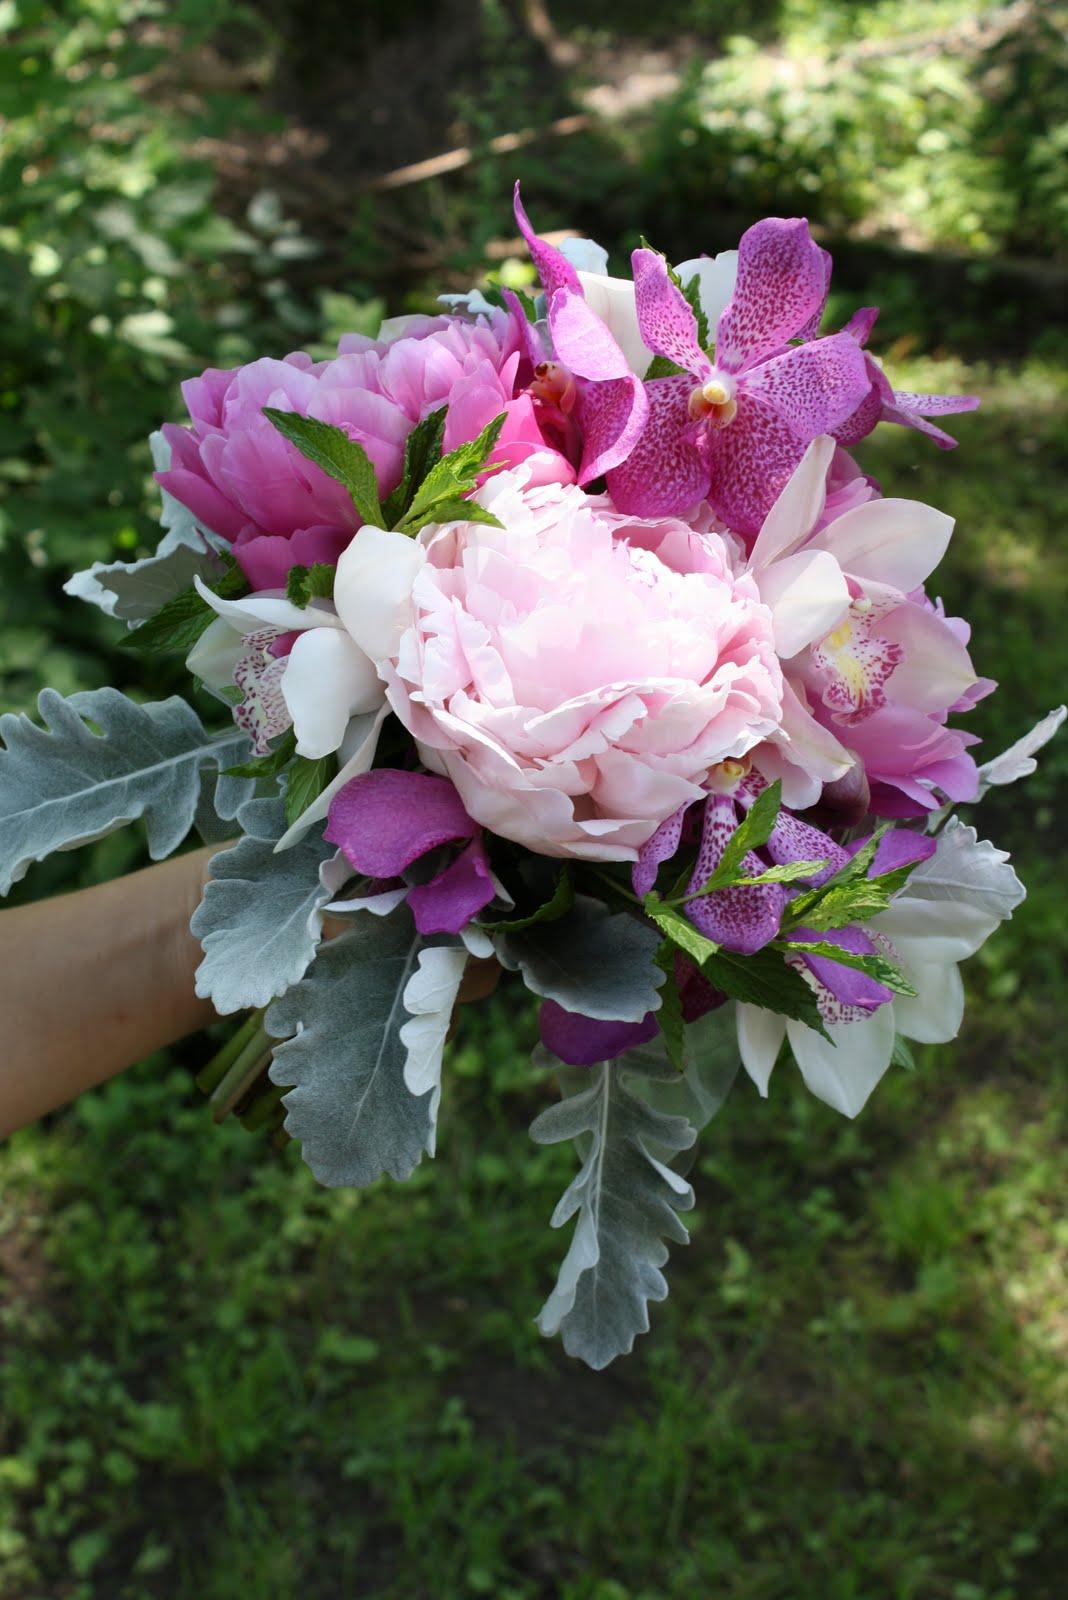 http://3.bp.blogspot.com/-pLCcH1eI1SE/Tf9_HFXgGSI/AAAAAAAAAVQ/I2BbVhiWWXY/s1600/Cymbidium+Orchids+Flowers+Wallpapers+4.jpg